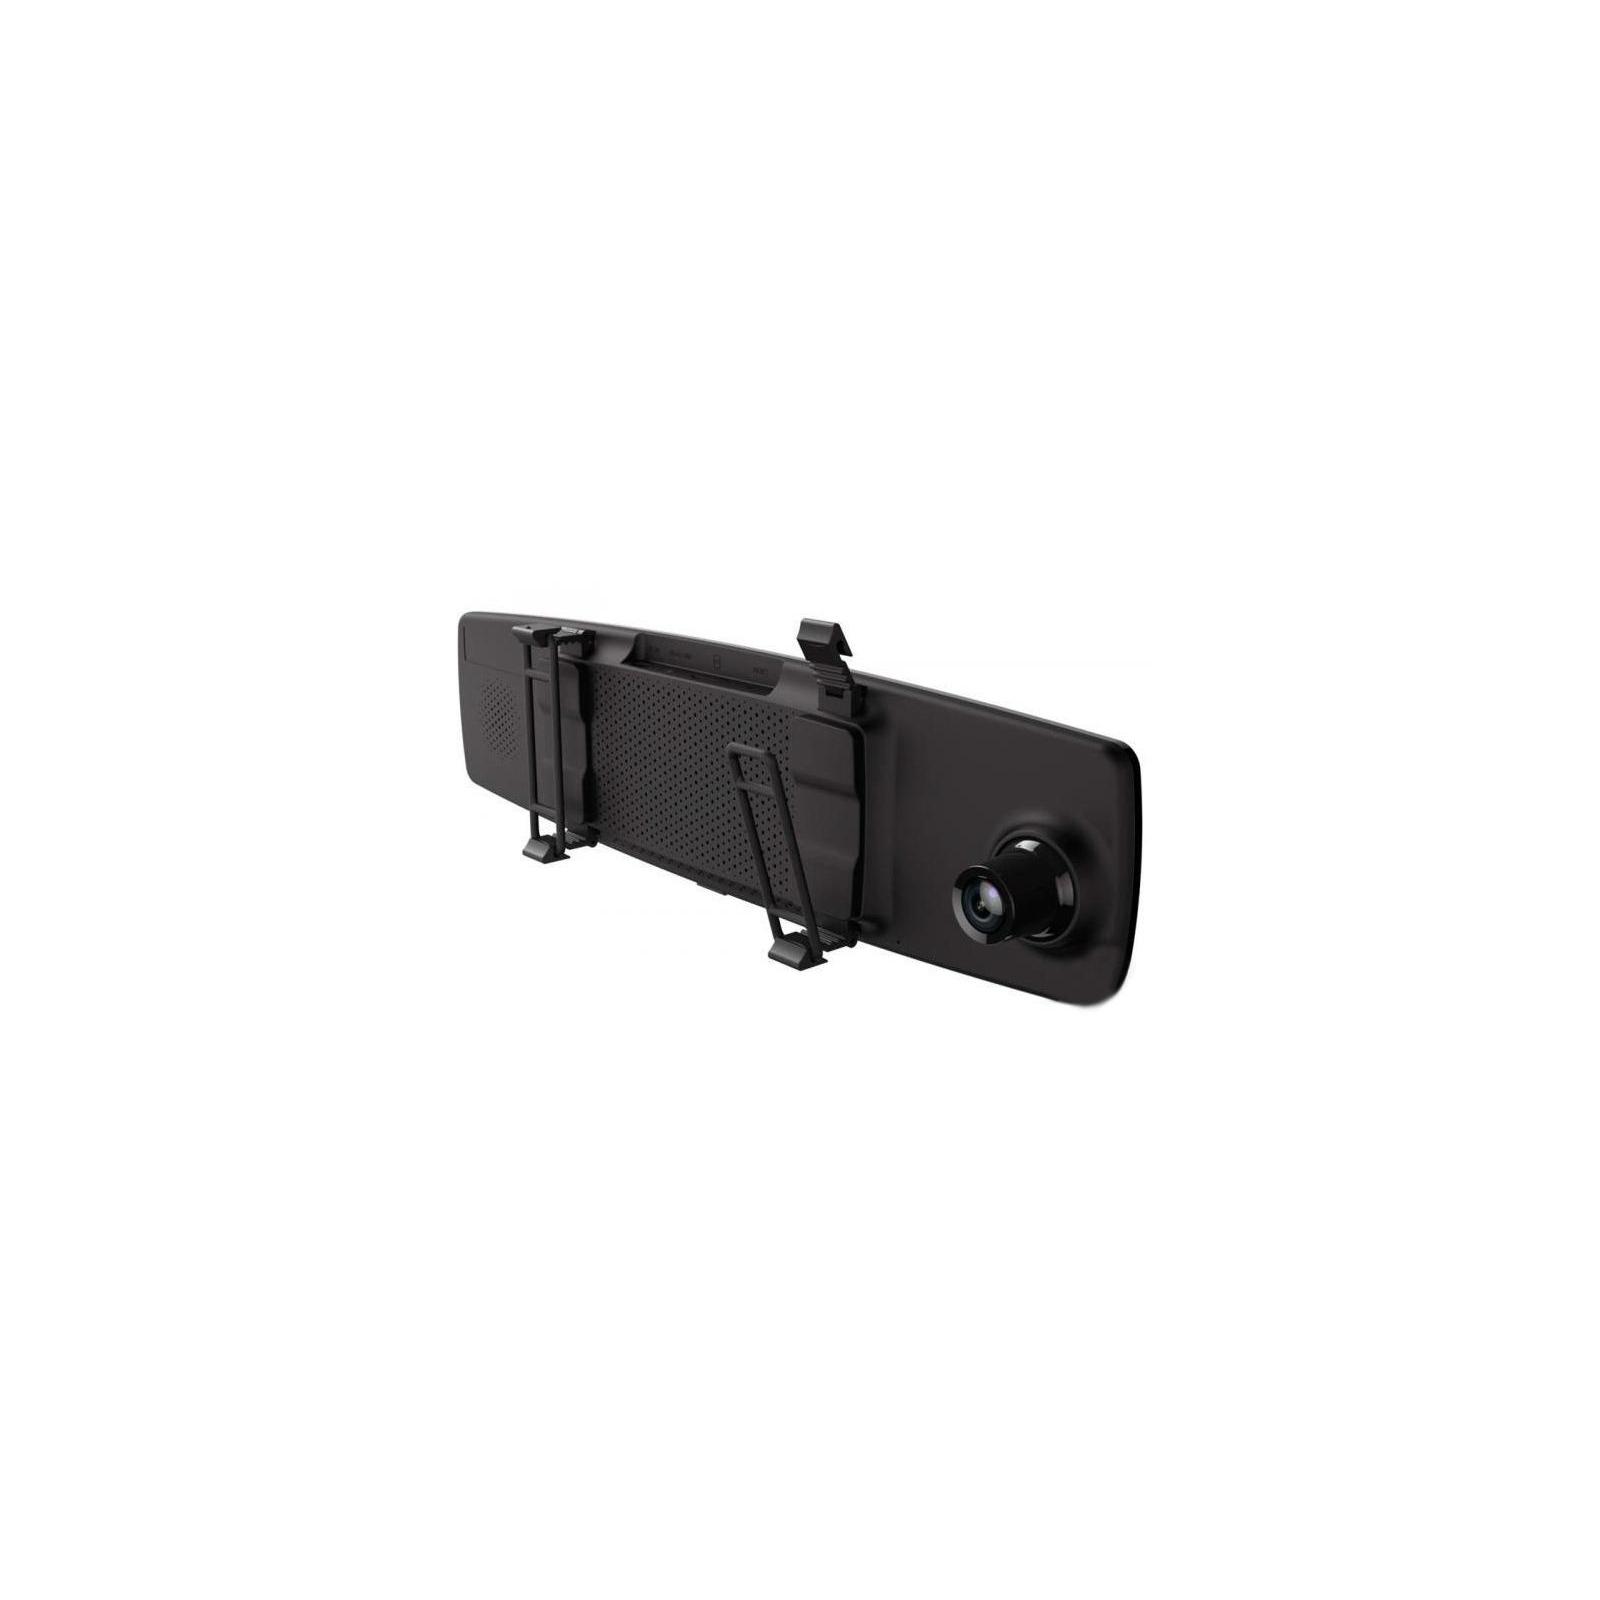 Видеорегистратор Xiaomi YI Mirror Dash Camera Black (YI-89029) изображение 4